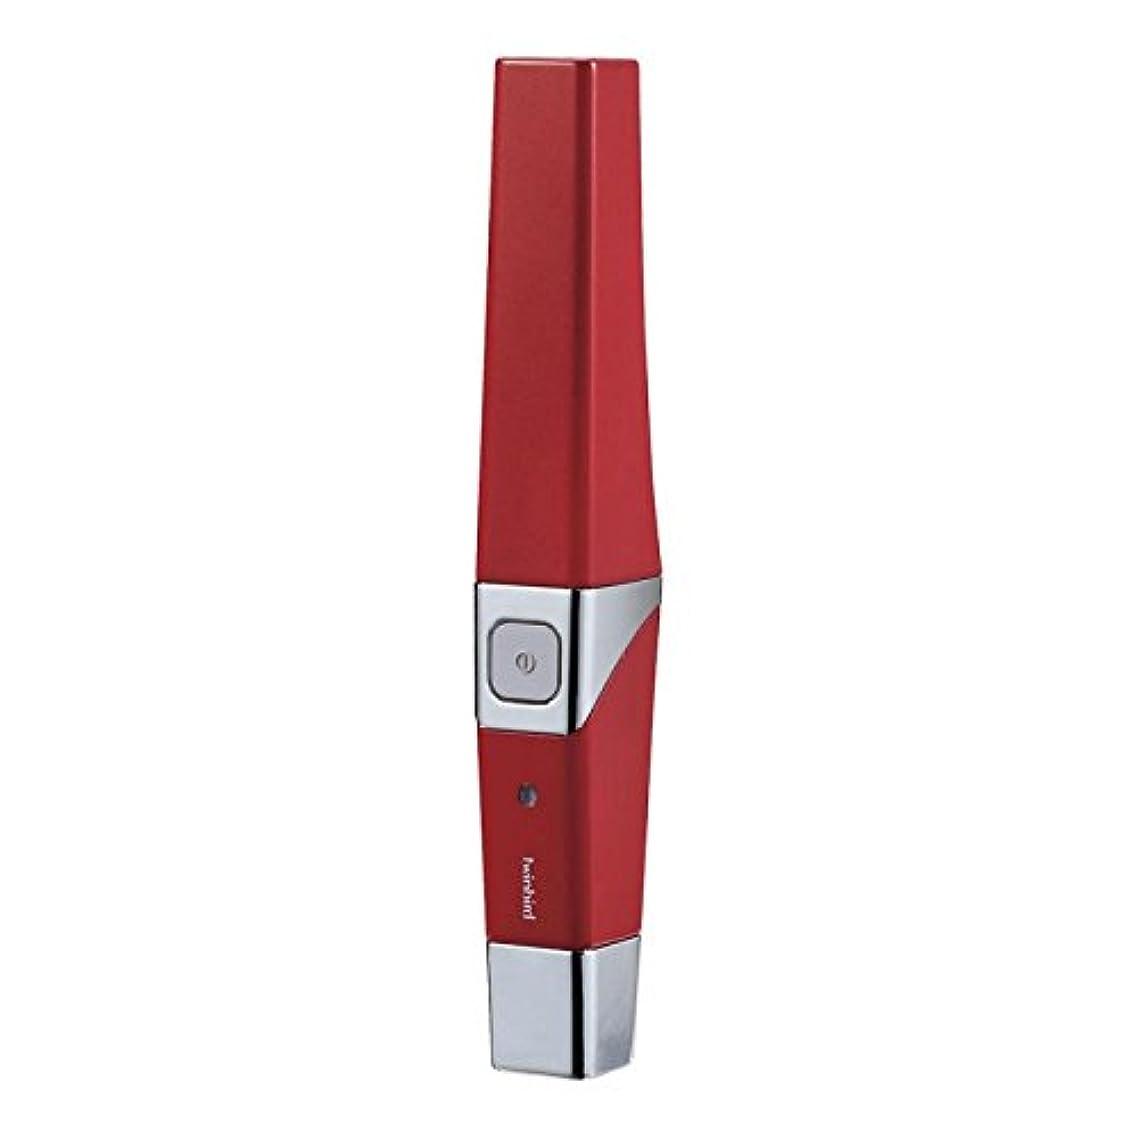 蜂学士リゾートツインバード 音波振動式USB充電歯ブラシ ACアダプター付 レッド BD-2757R